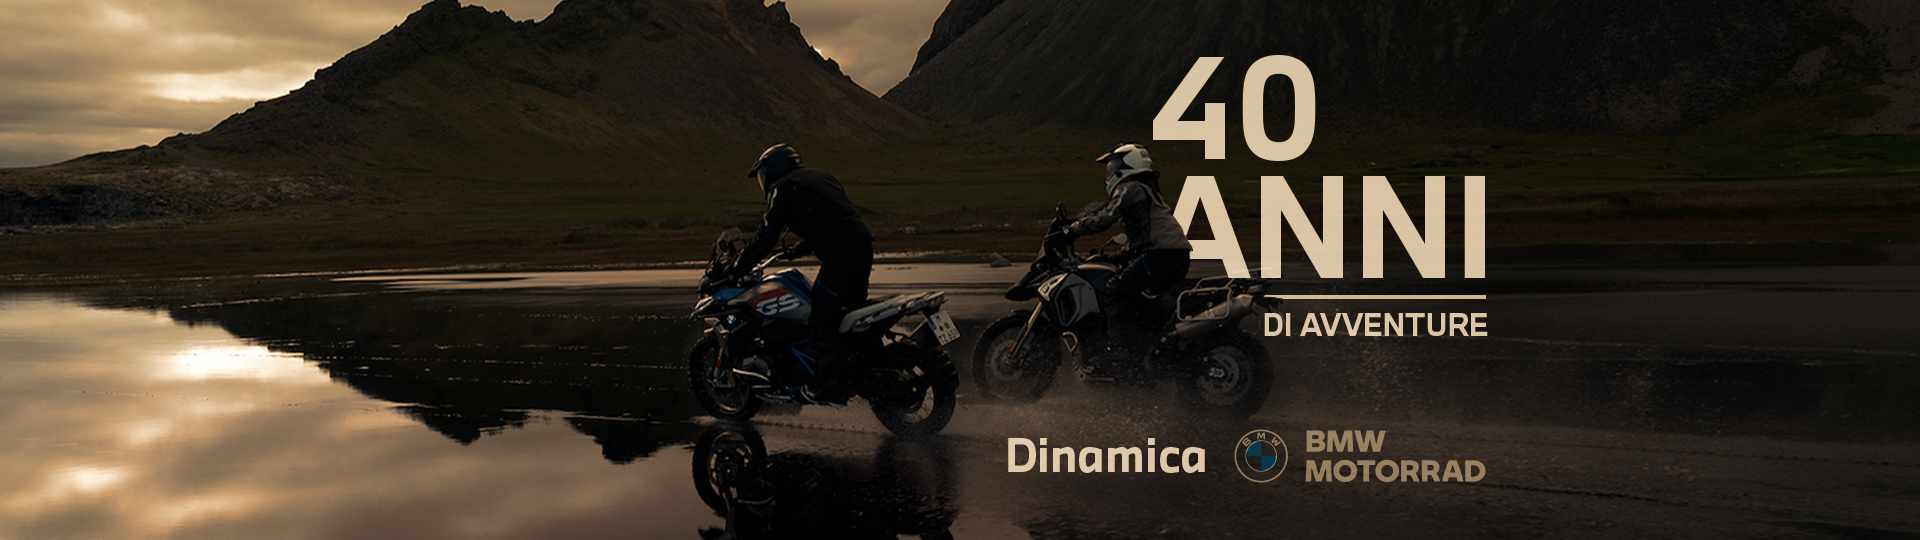 header_40th GS Motorrad.jpg